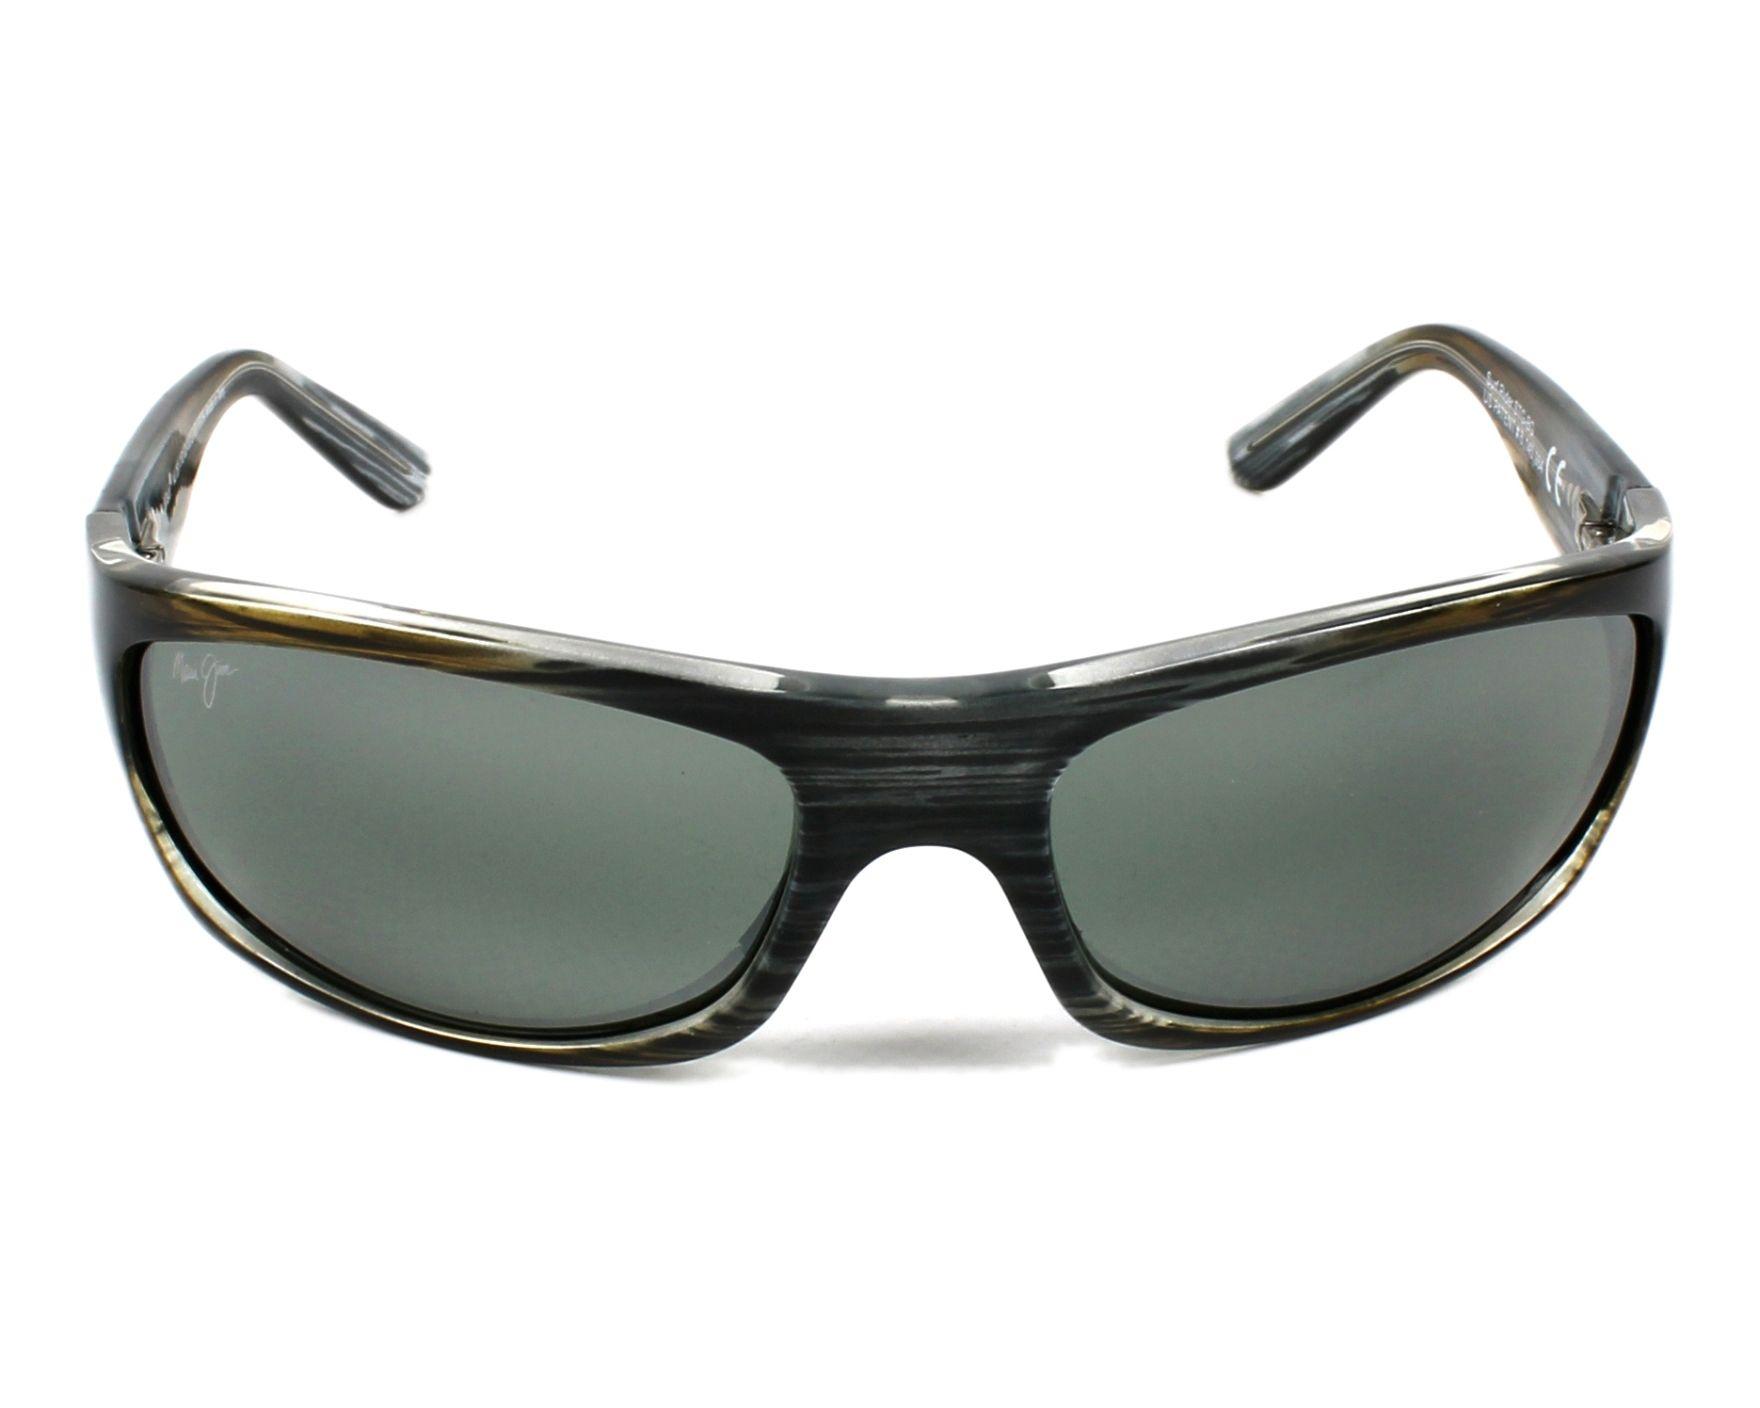 Lunettes de soleil maui jim 261 11d noir avec des verres gris vert - Verre lunette raye assurance ...